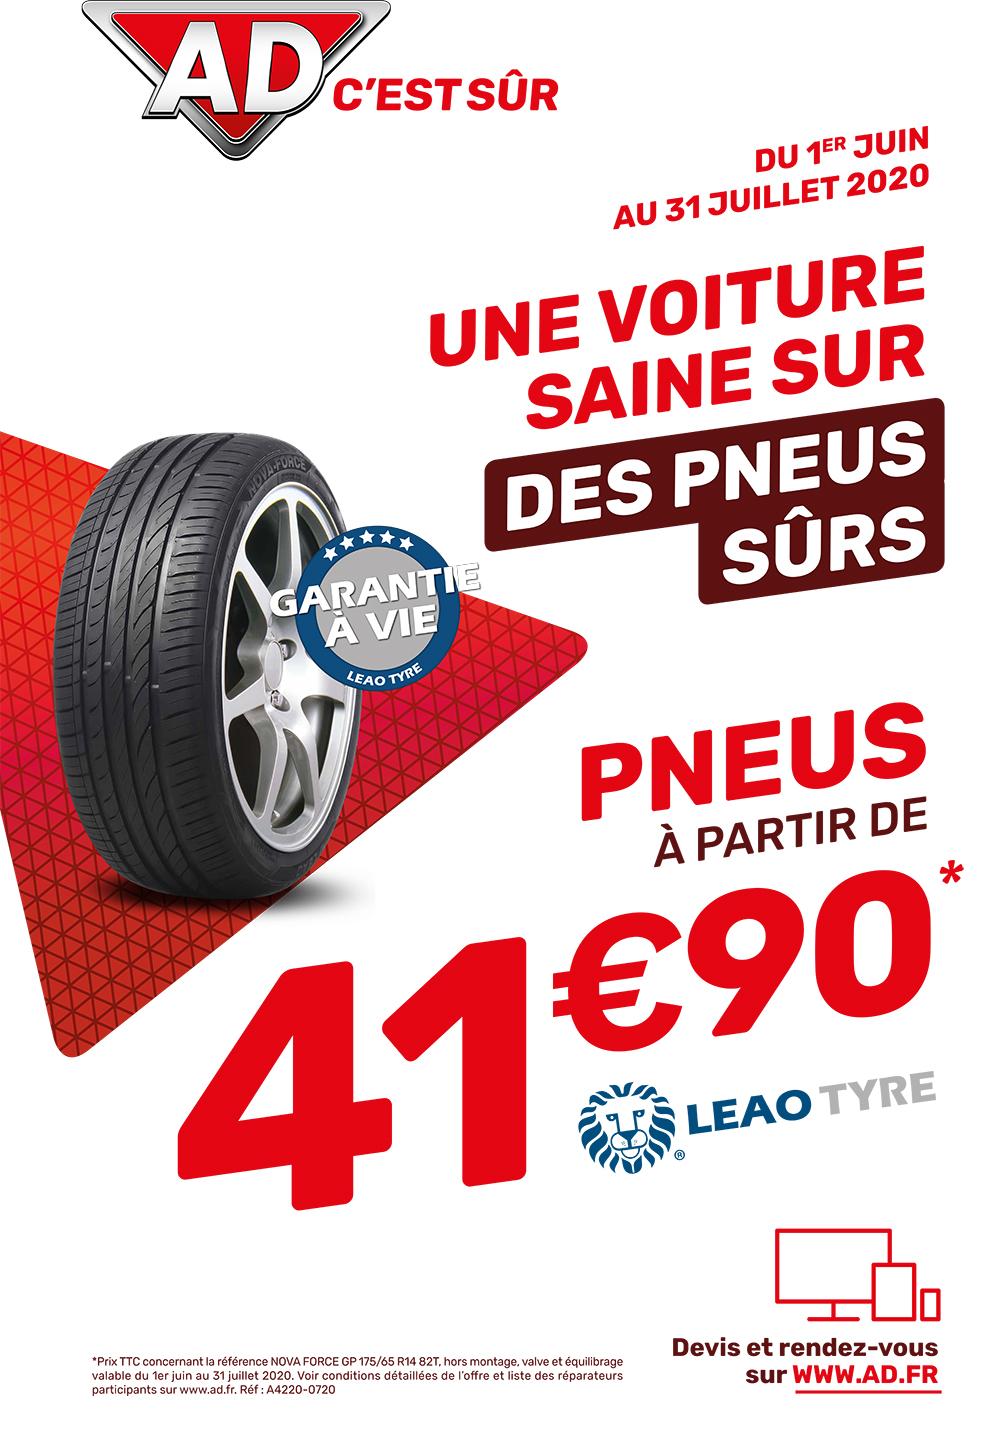 Avec AD Garage David, une voiture saine sur des pneus sûrs avec les pneus Leao Tyre à partir de 41.90 € du 1 juin au 31 juillet 2020